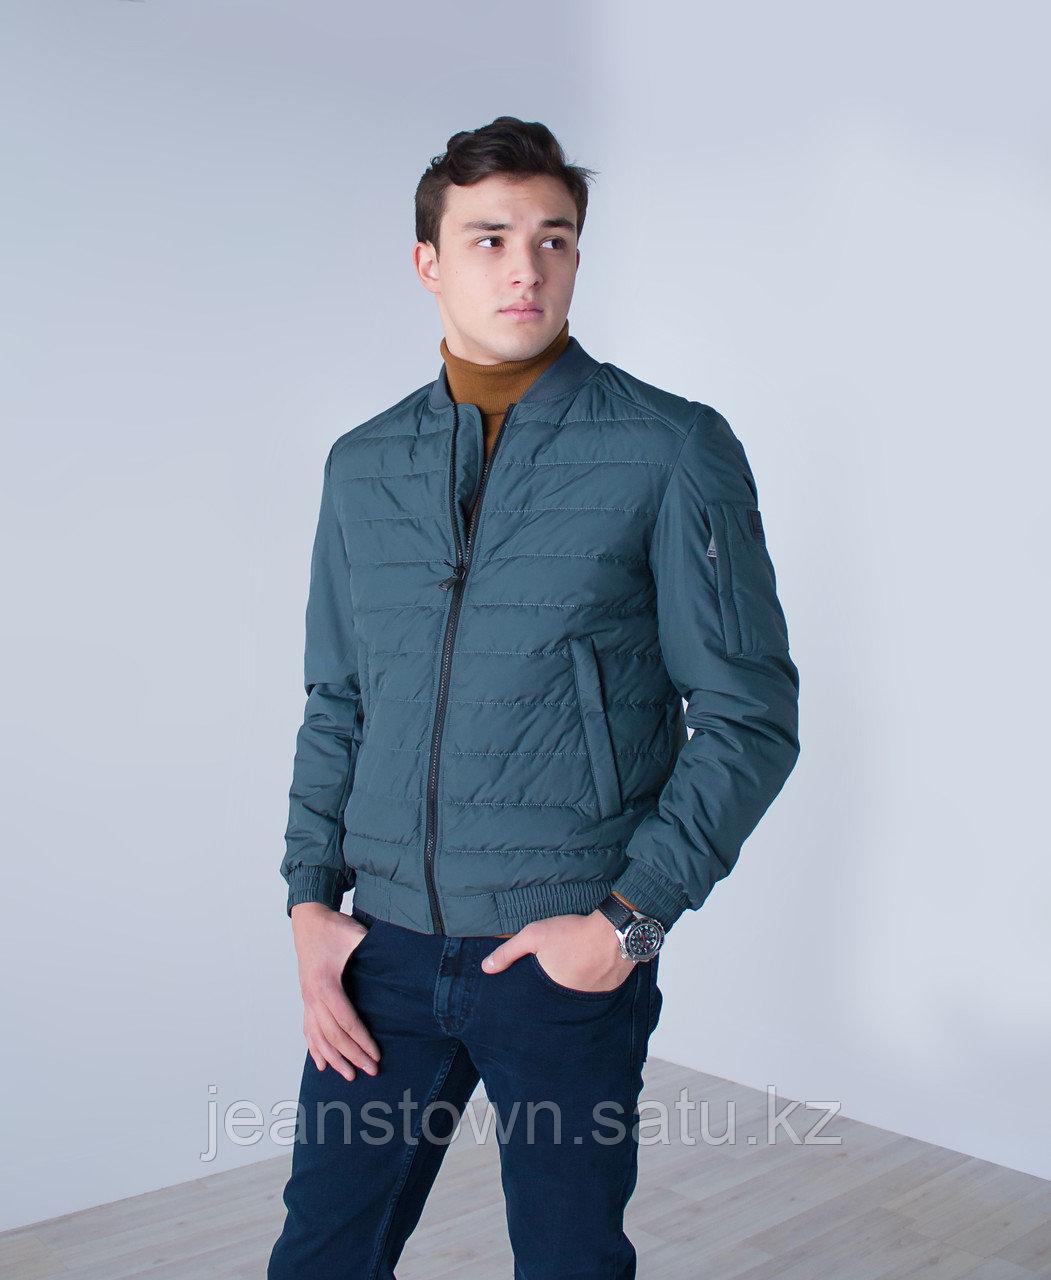 Куртка мужская  демисезонная Vivacana короткая серая